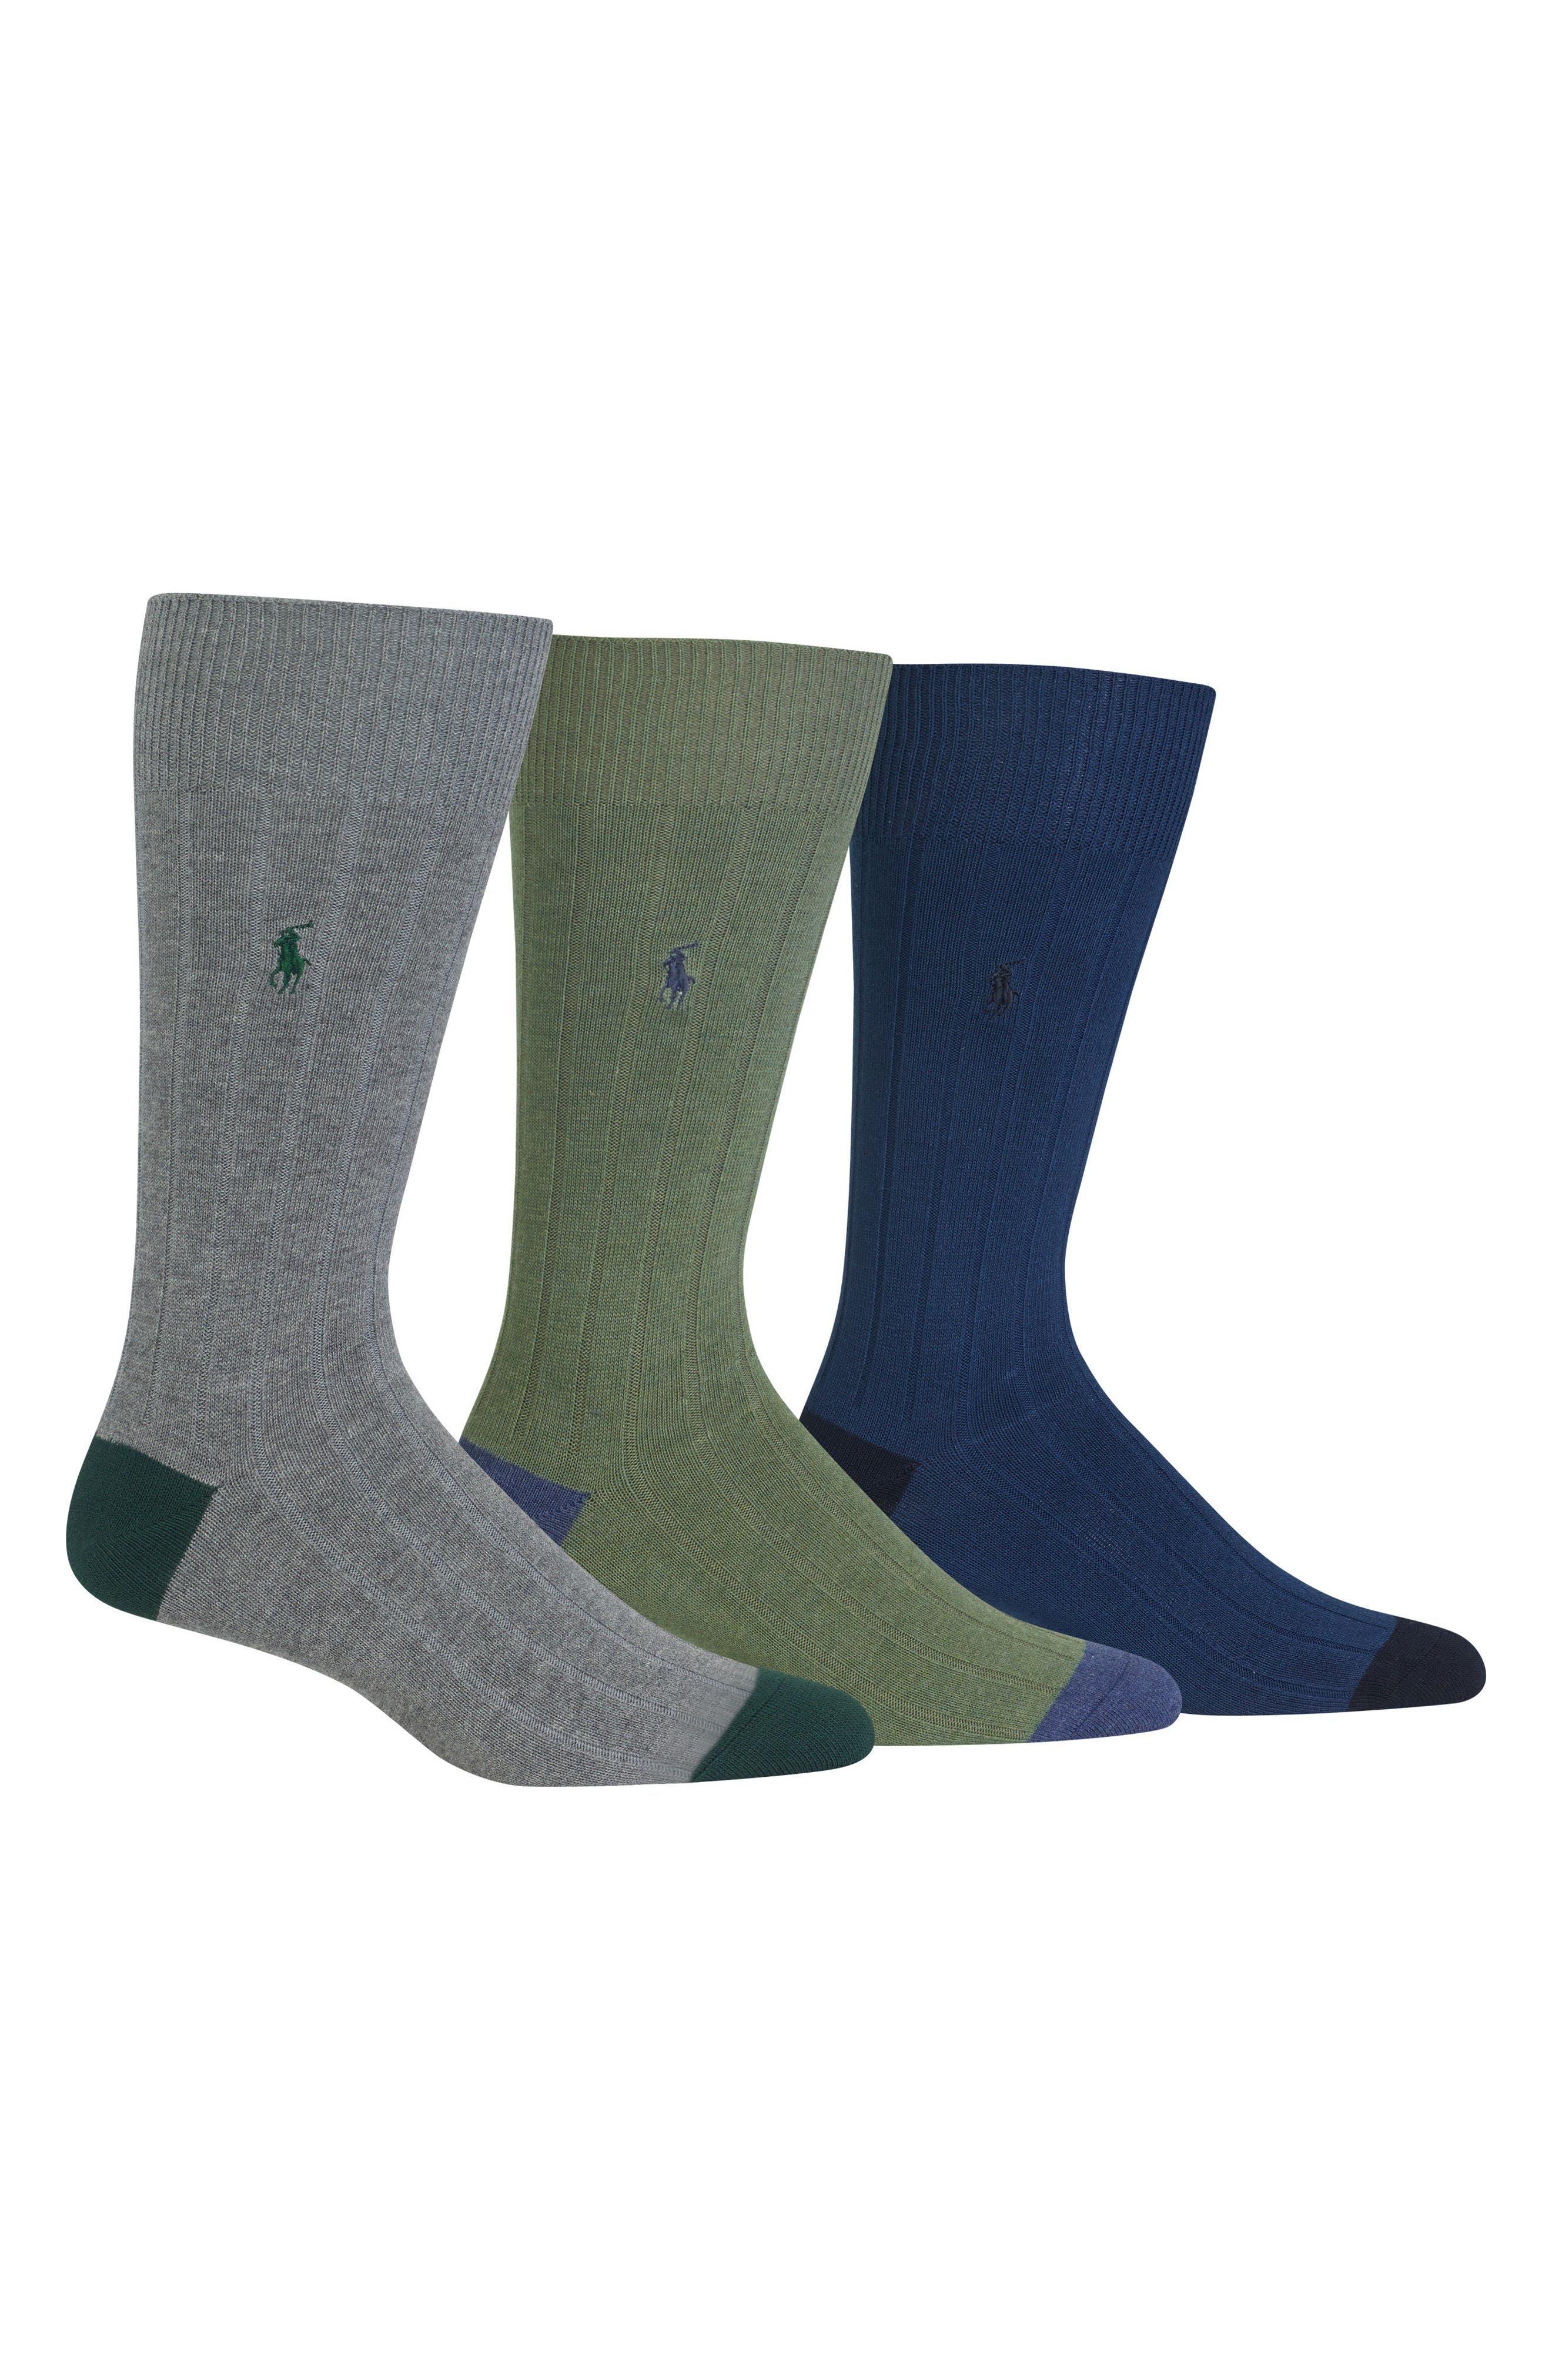 3-Pack Ribbed Socks,                         Main,                         color, Grey Green